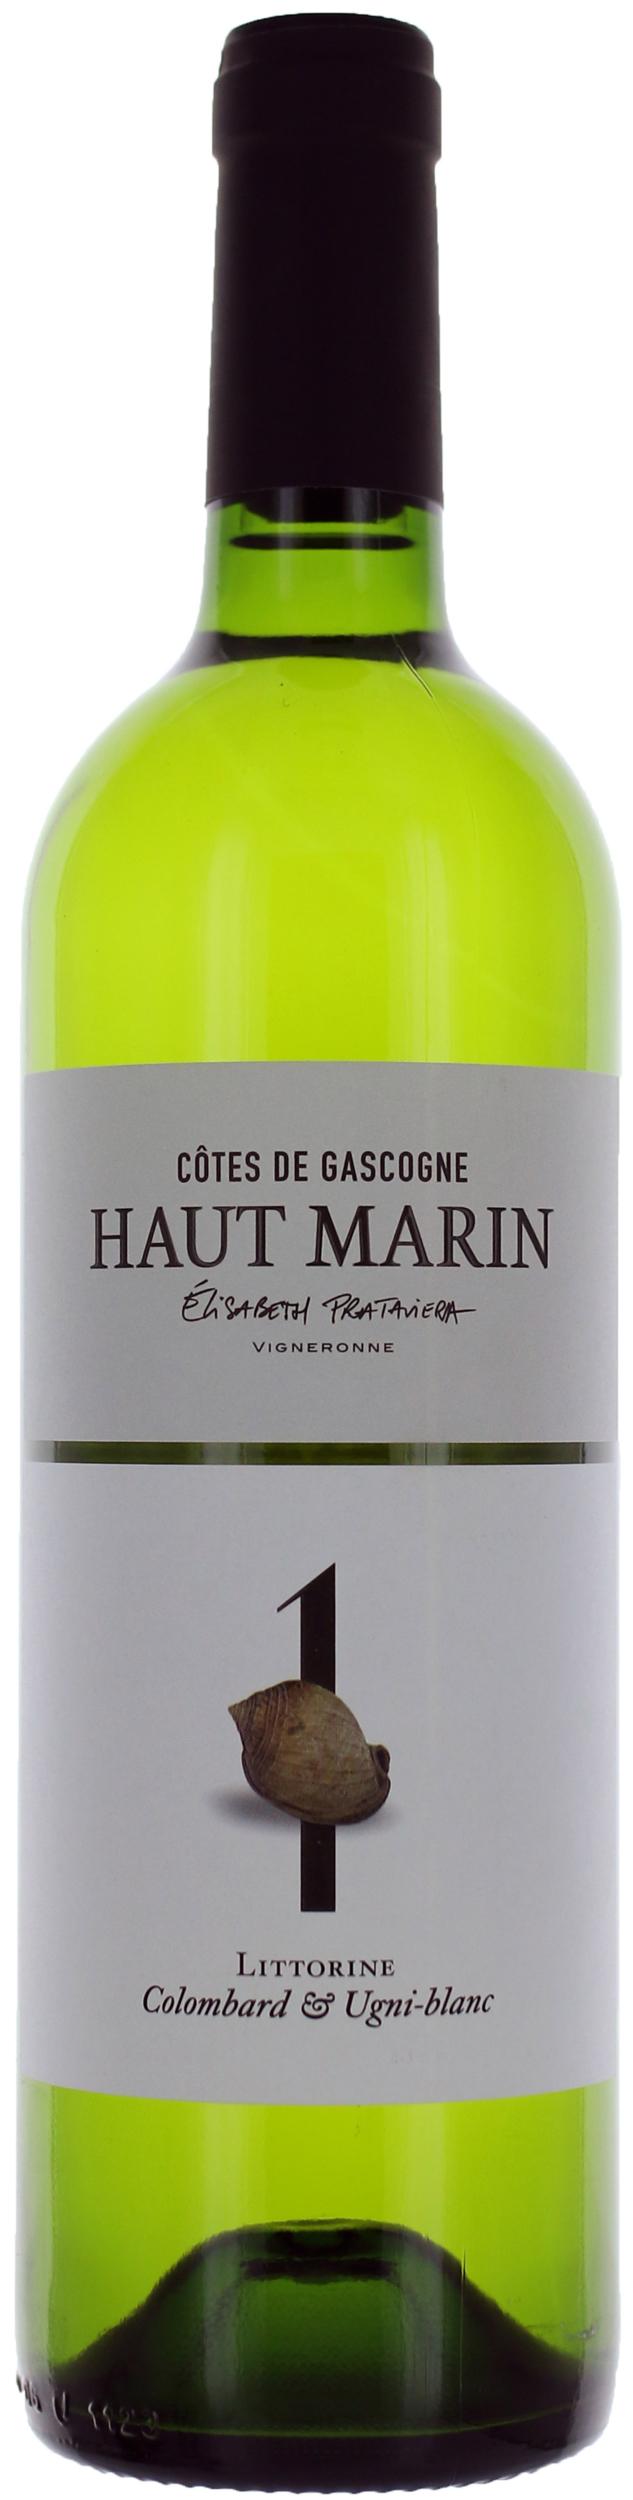 Côtes de Cascogne - Colombard Ugni Blanc N°1 - Domaine Haut-Marin - 2018